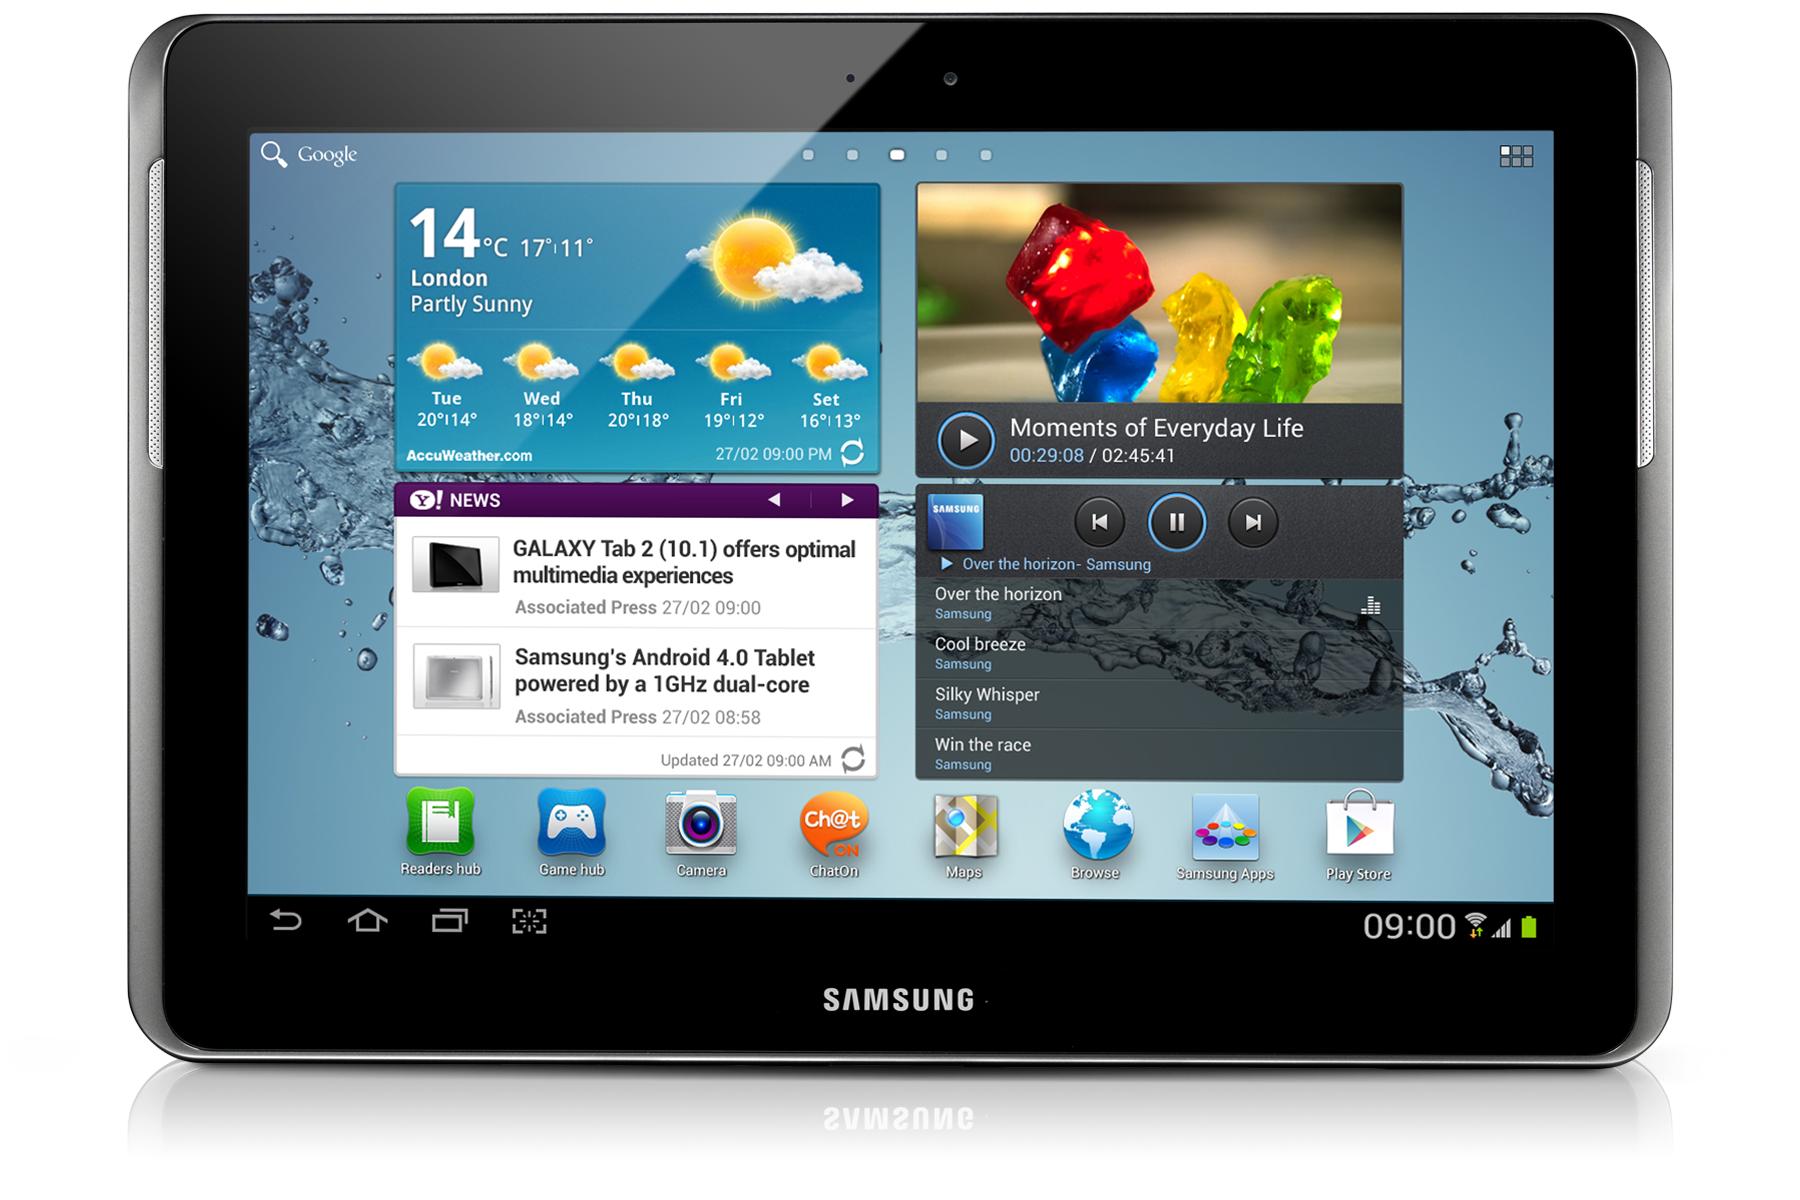 Galaxy Tab 2 (10.1, Wi-Fi)